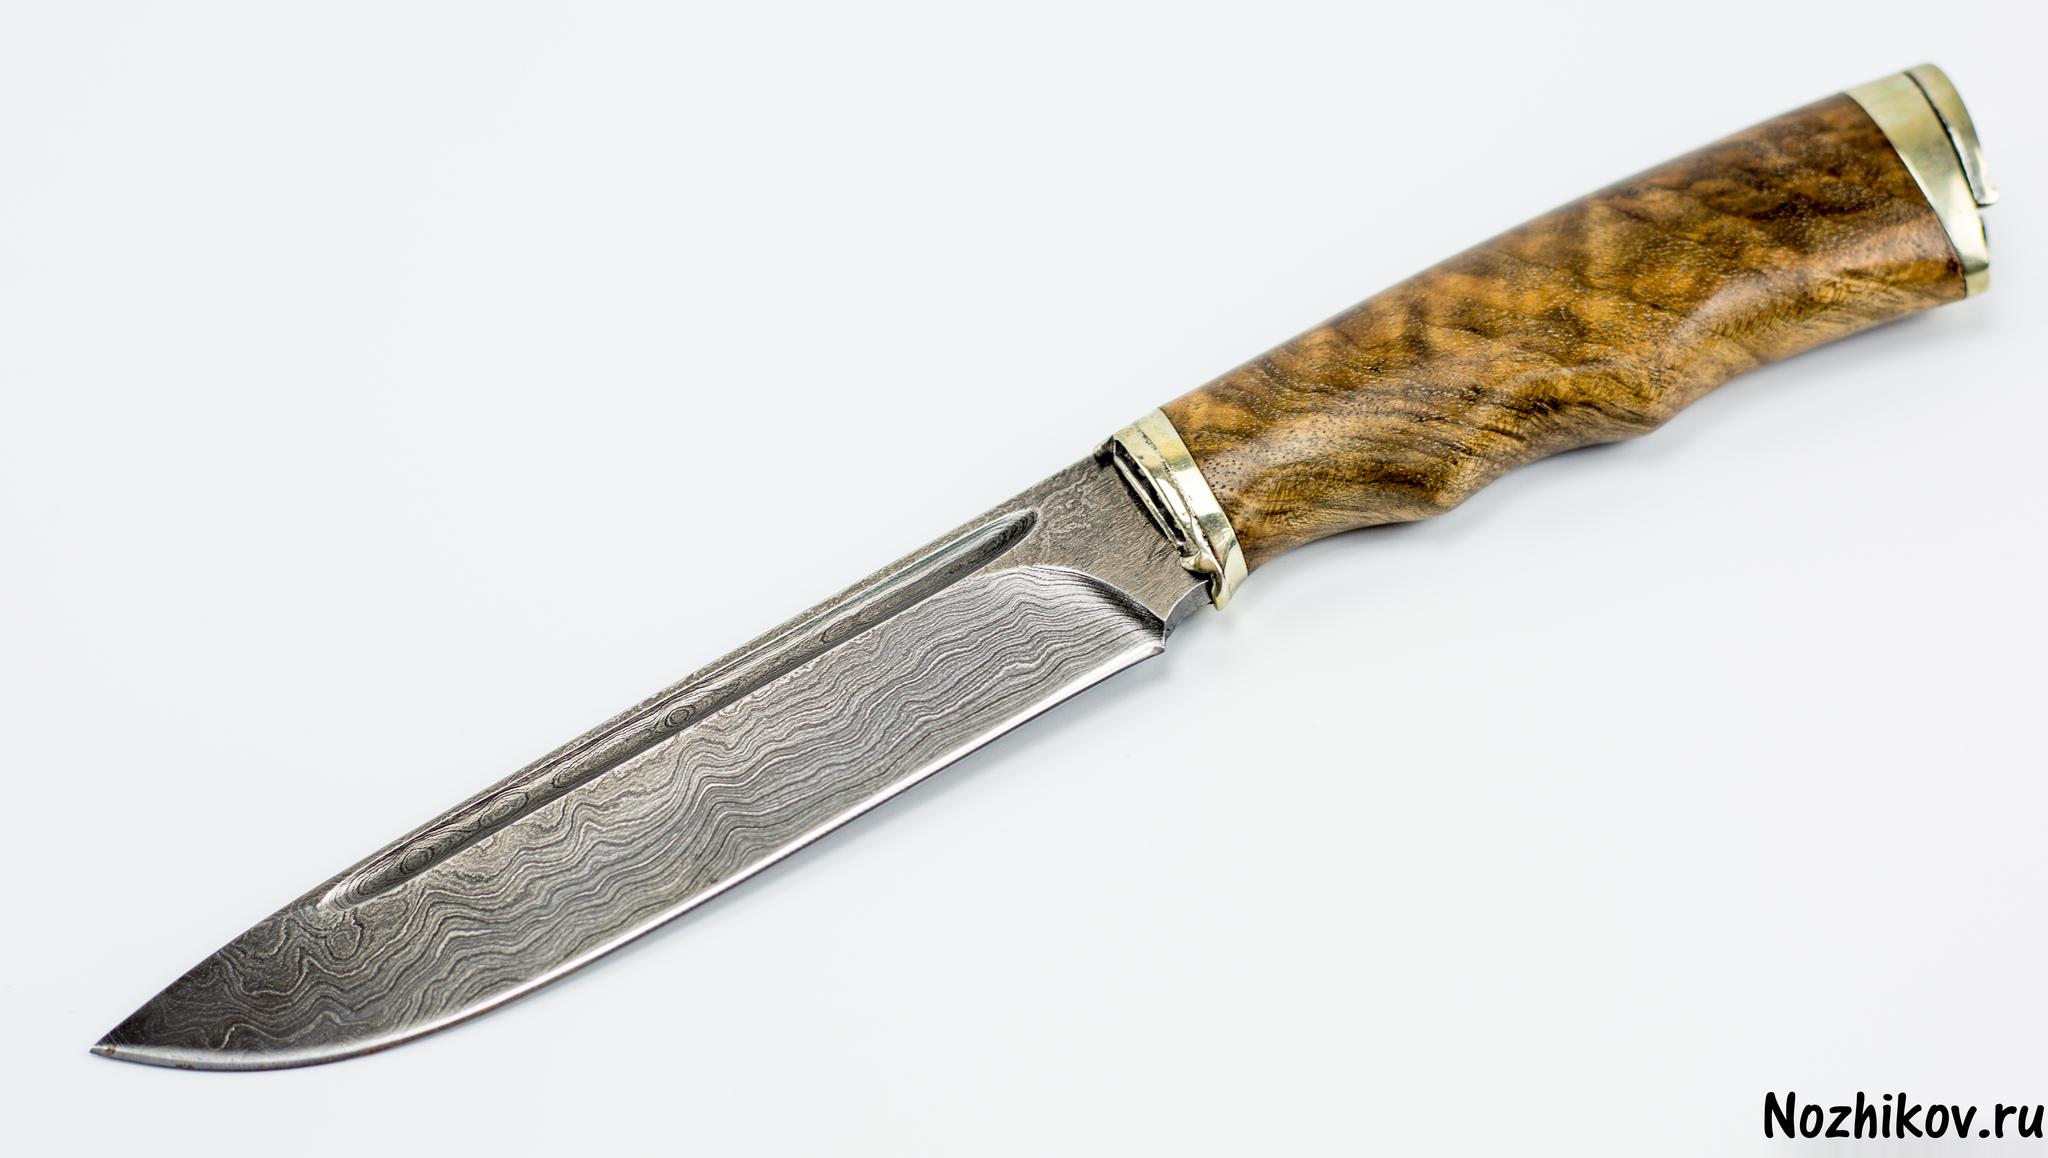 Авторский Нож из Дамаска №32, КизлярНожи Кизляр<br><br>